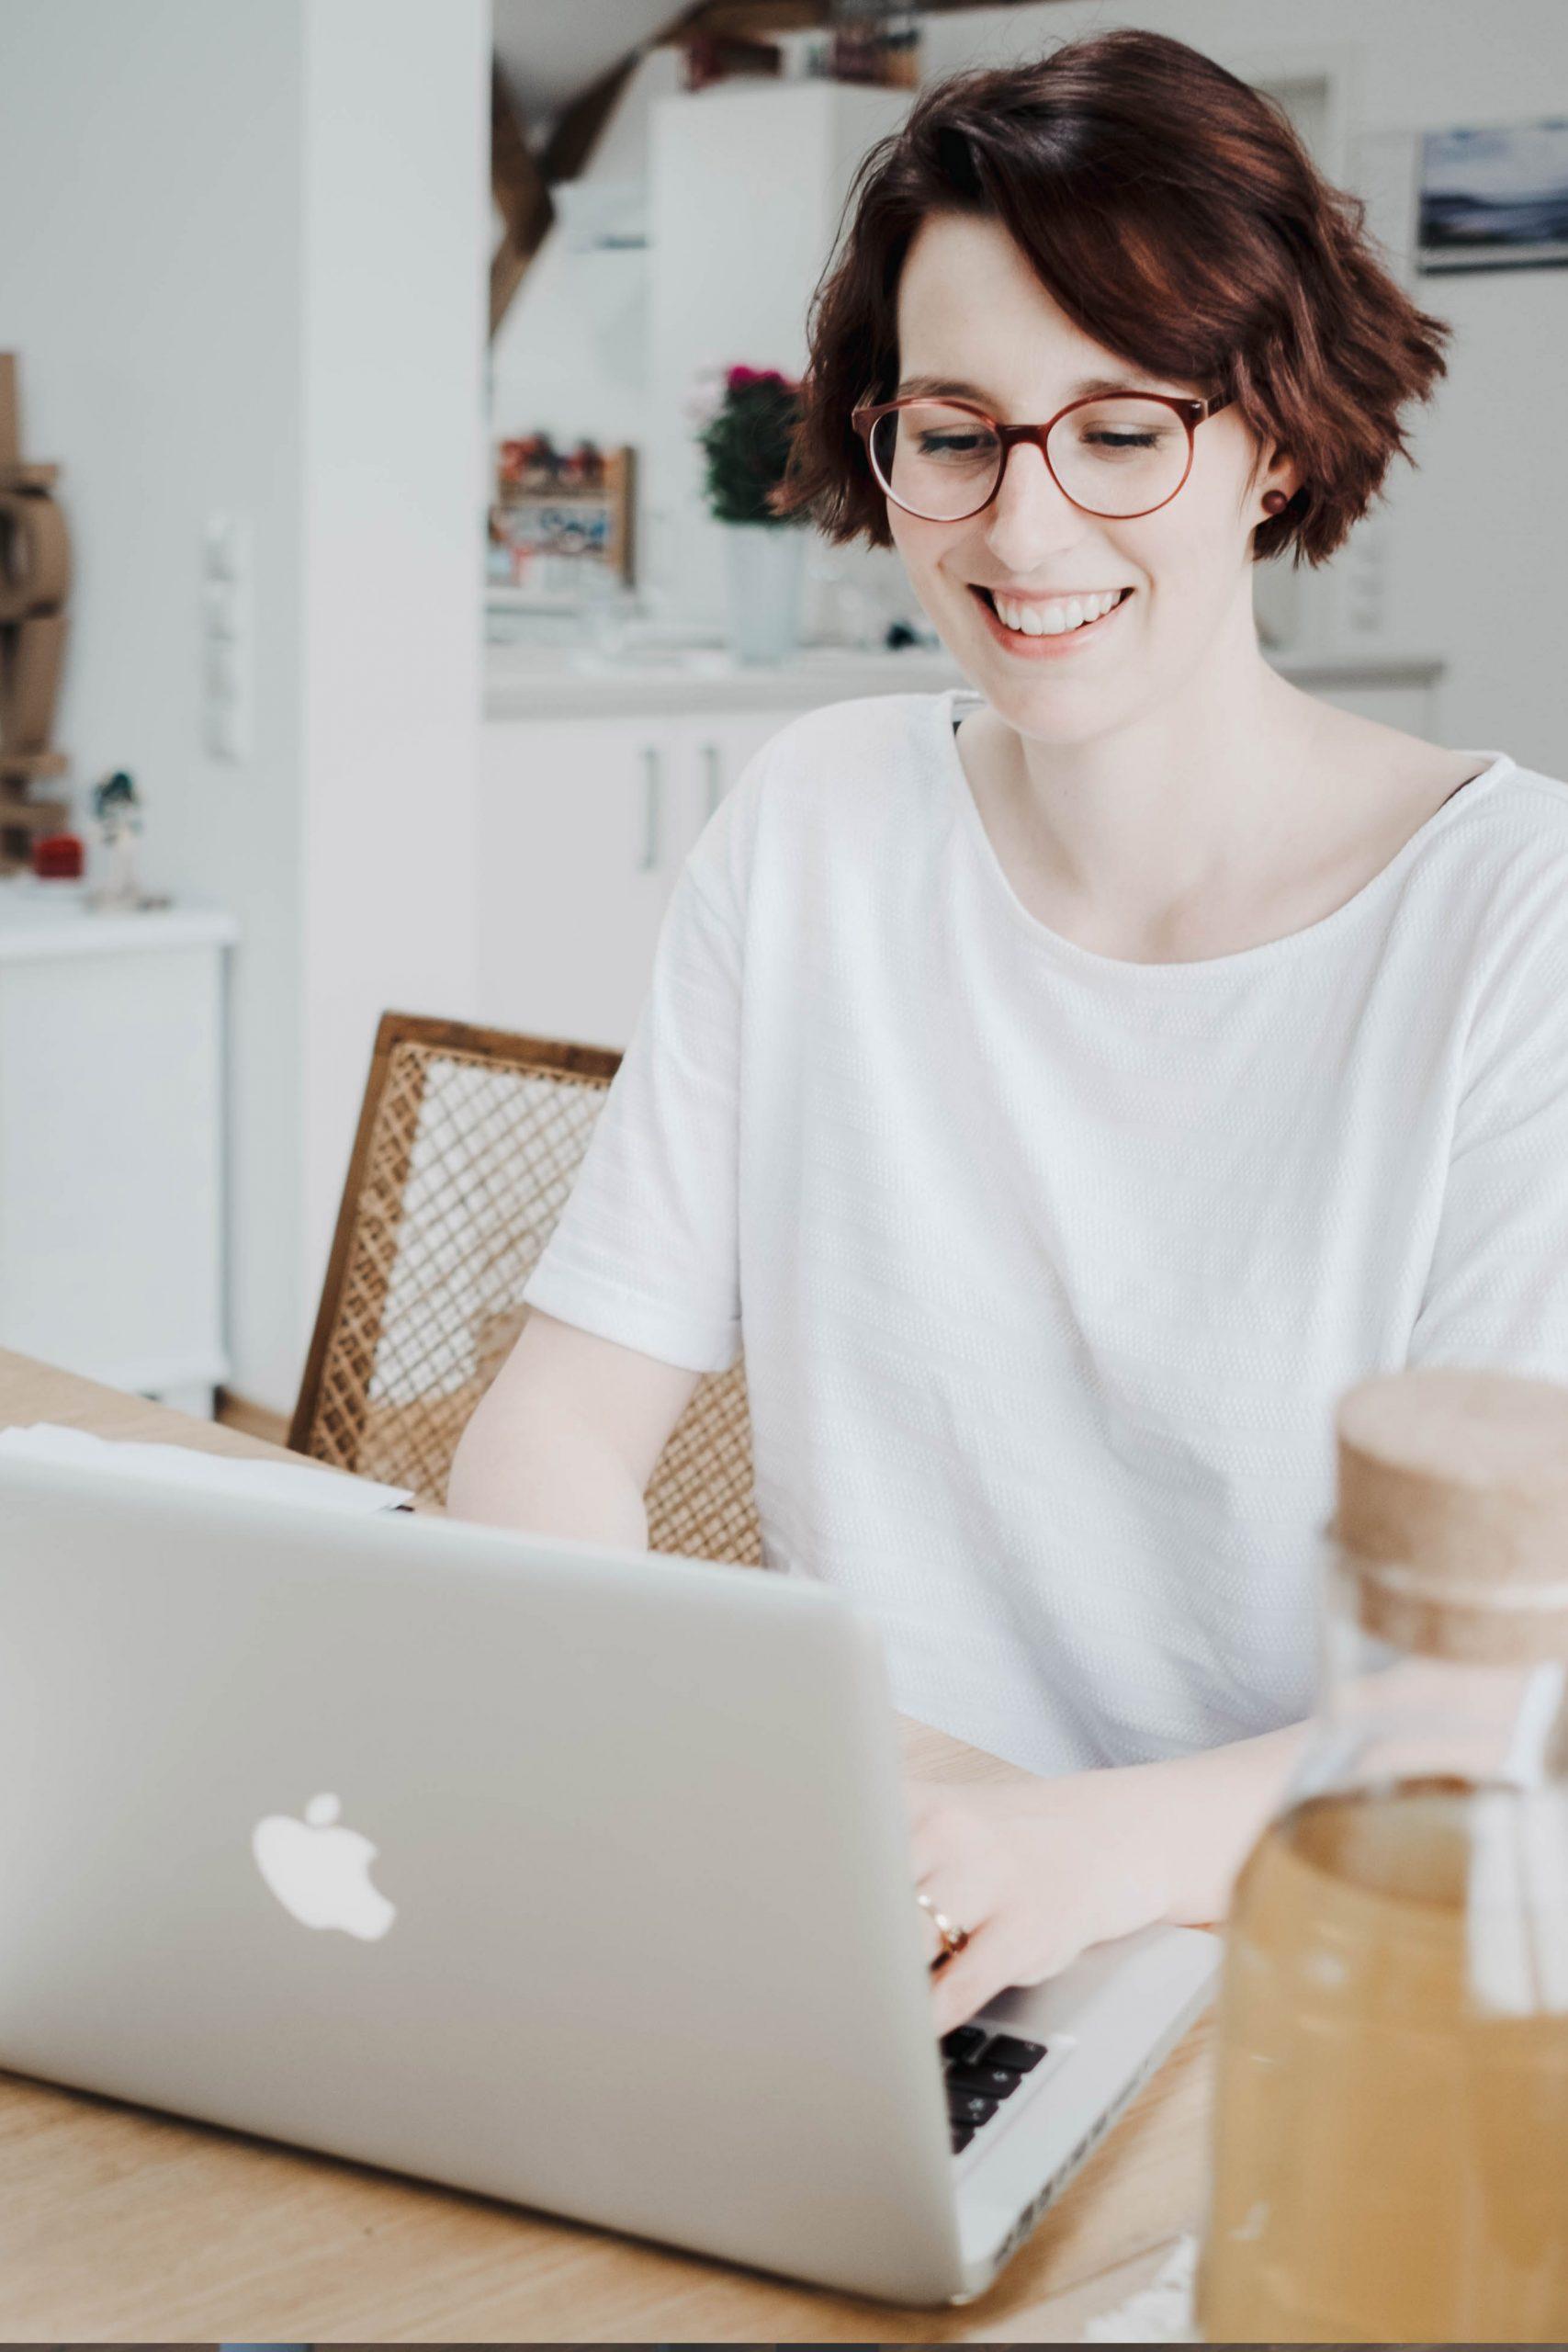 Sarah Seewald am Laptop